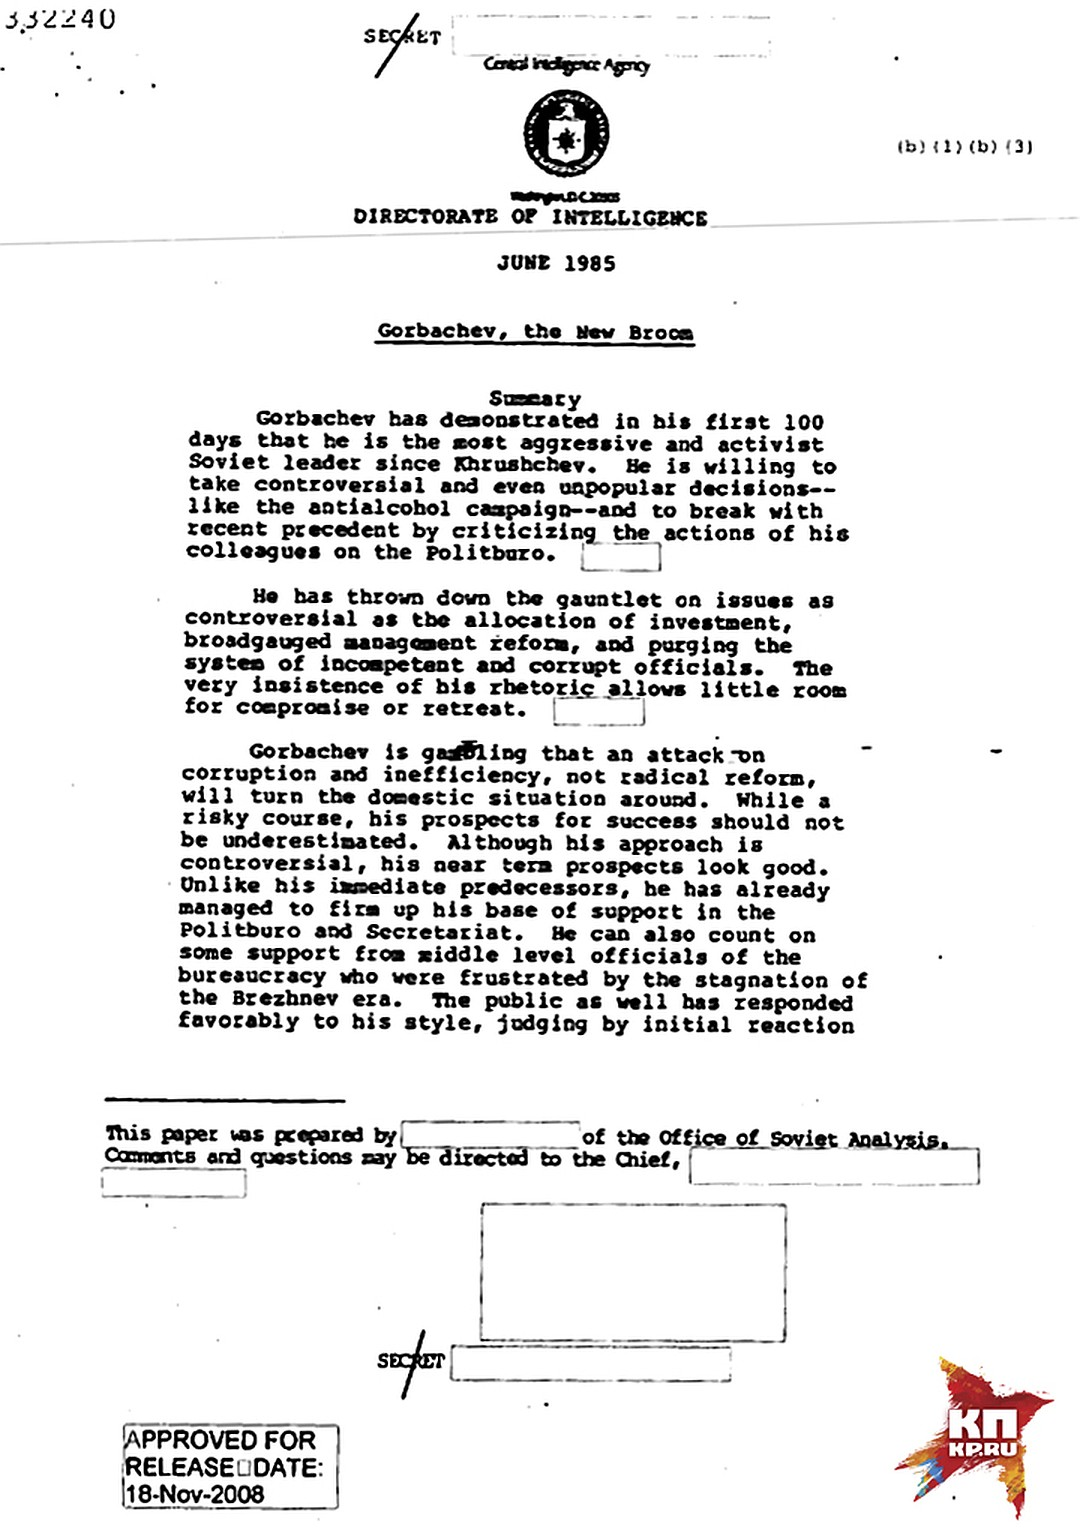 ЦРУ рассекретило документы о Горбачеве. Его политика привела СССР к катастрофе, утверждала американская разведка